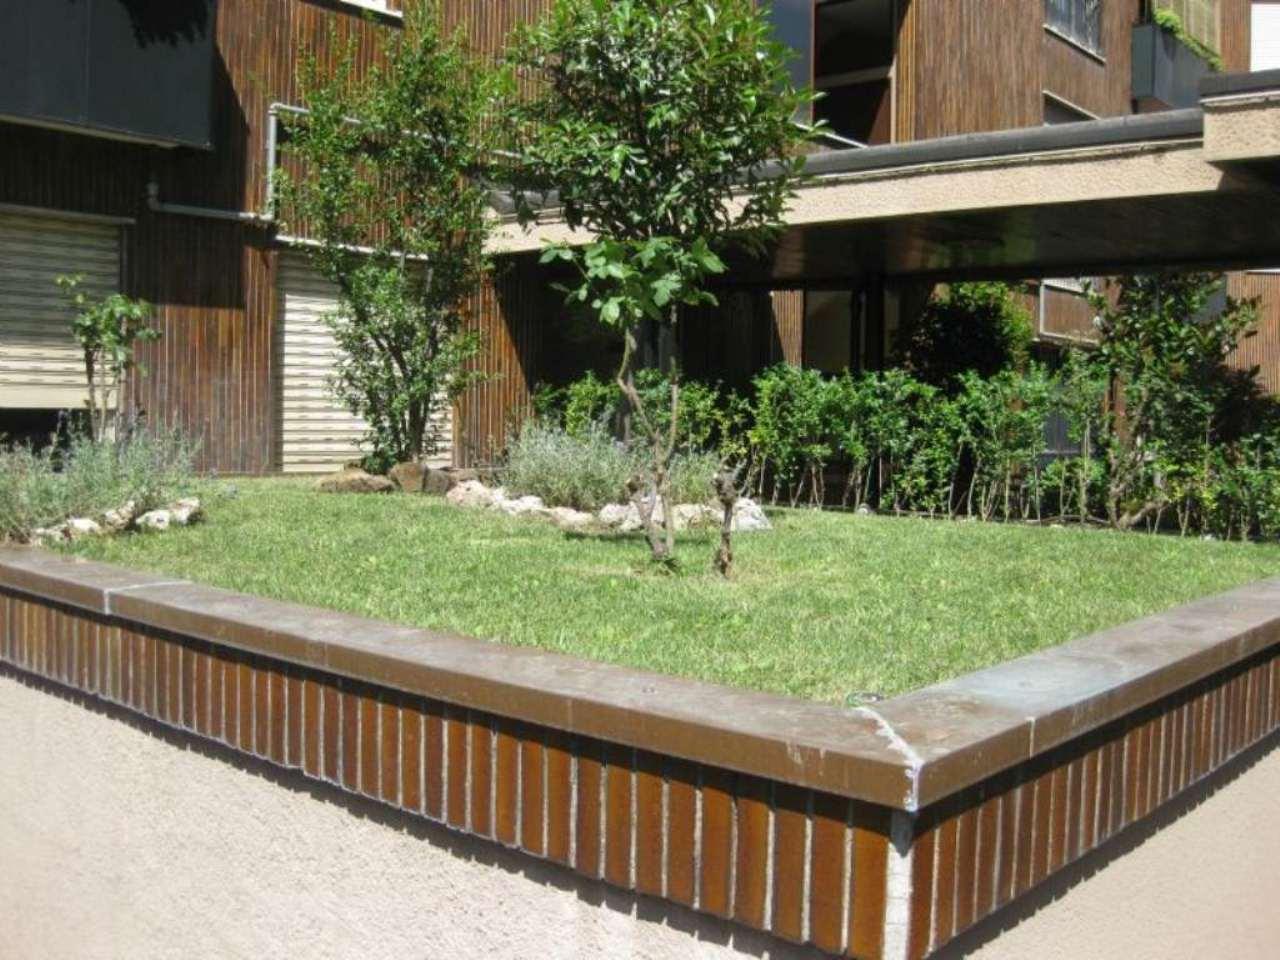 Milano zona semi centrale, ampio locale commerciale di 370 mq ad uso ufficio. Rif. 8704159